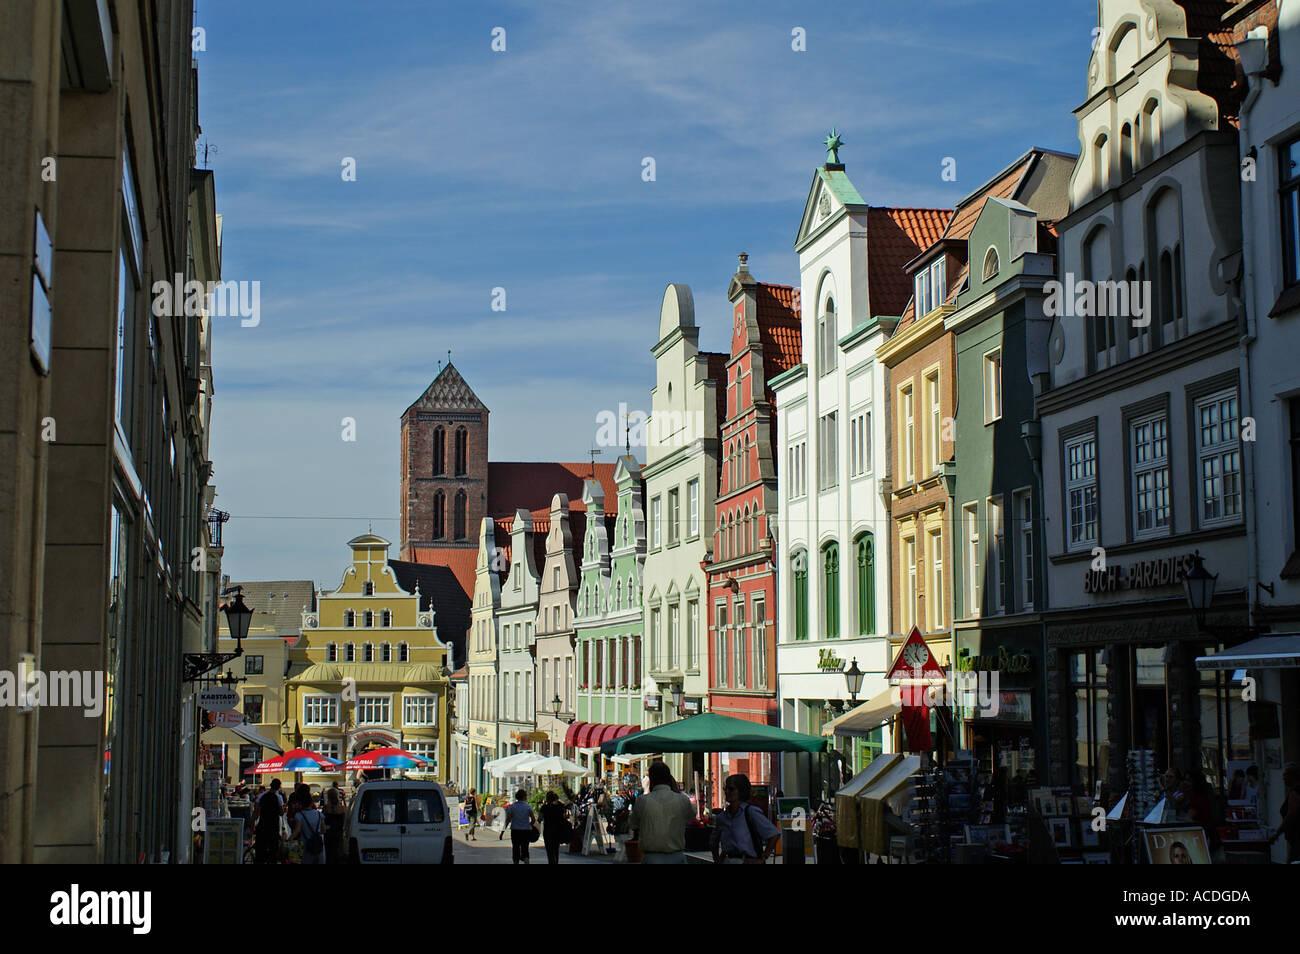 Krämerstraße Wismar decorate gable street - Stock Image